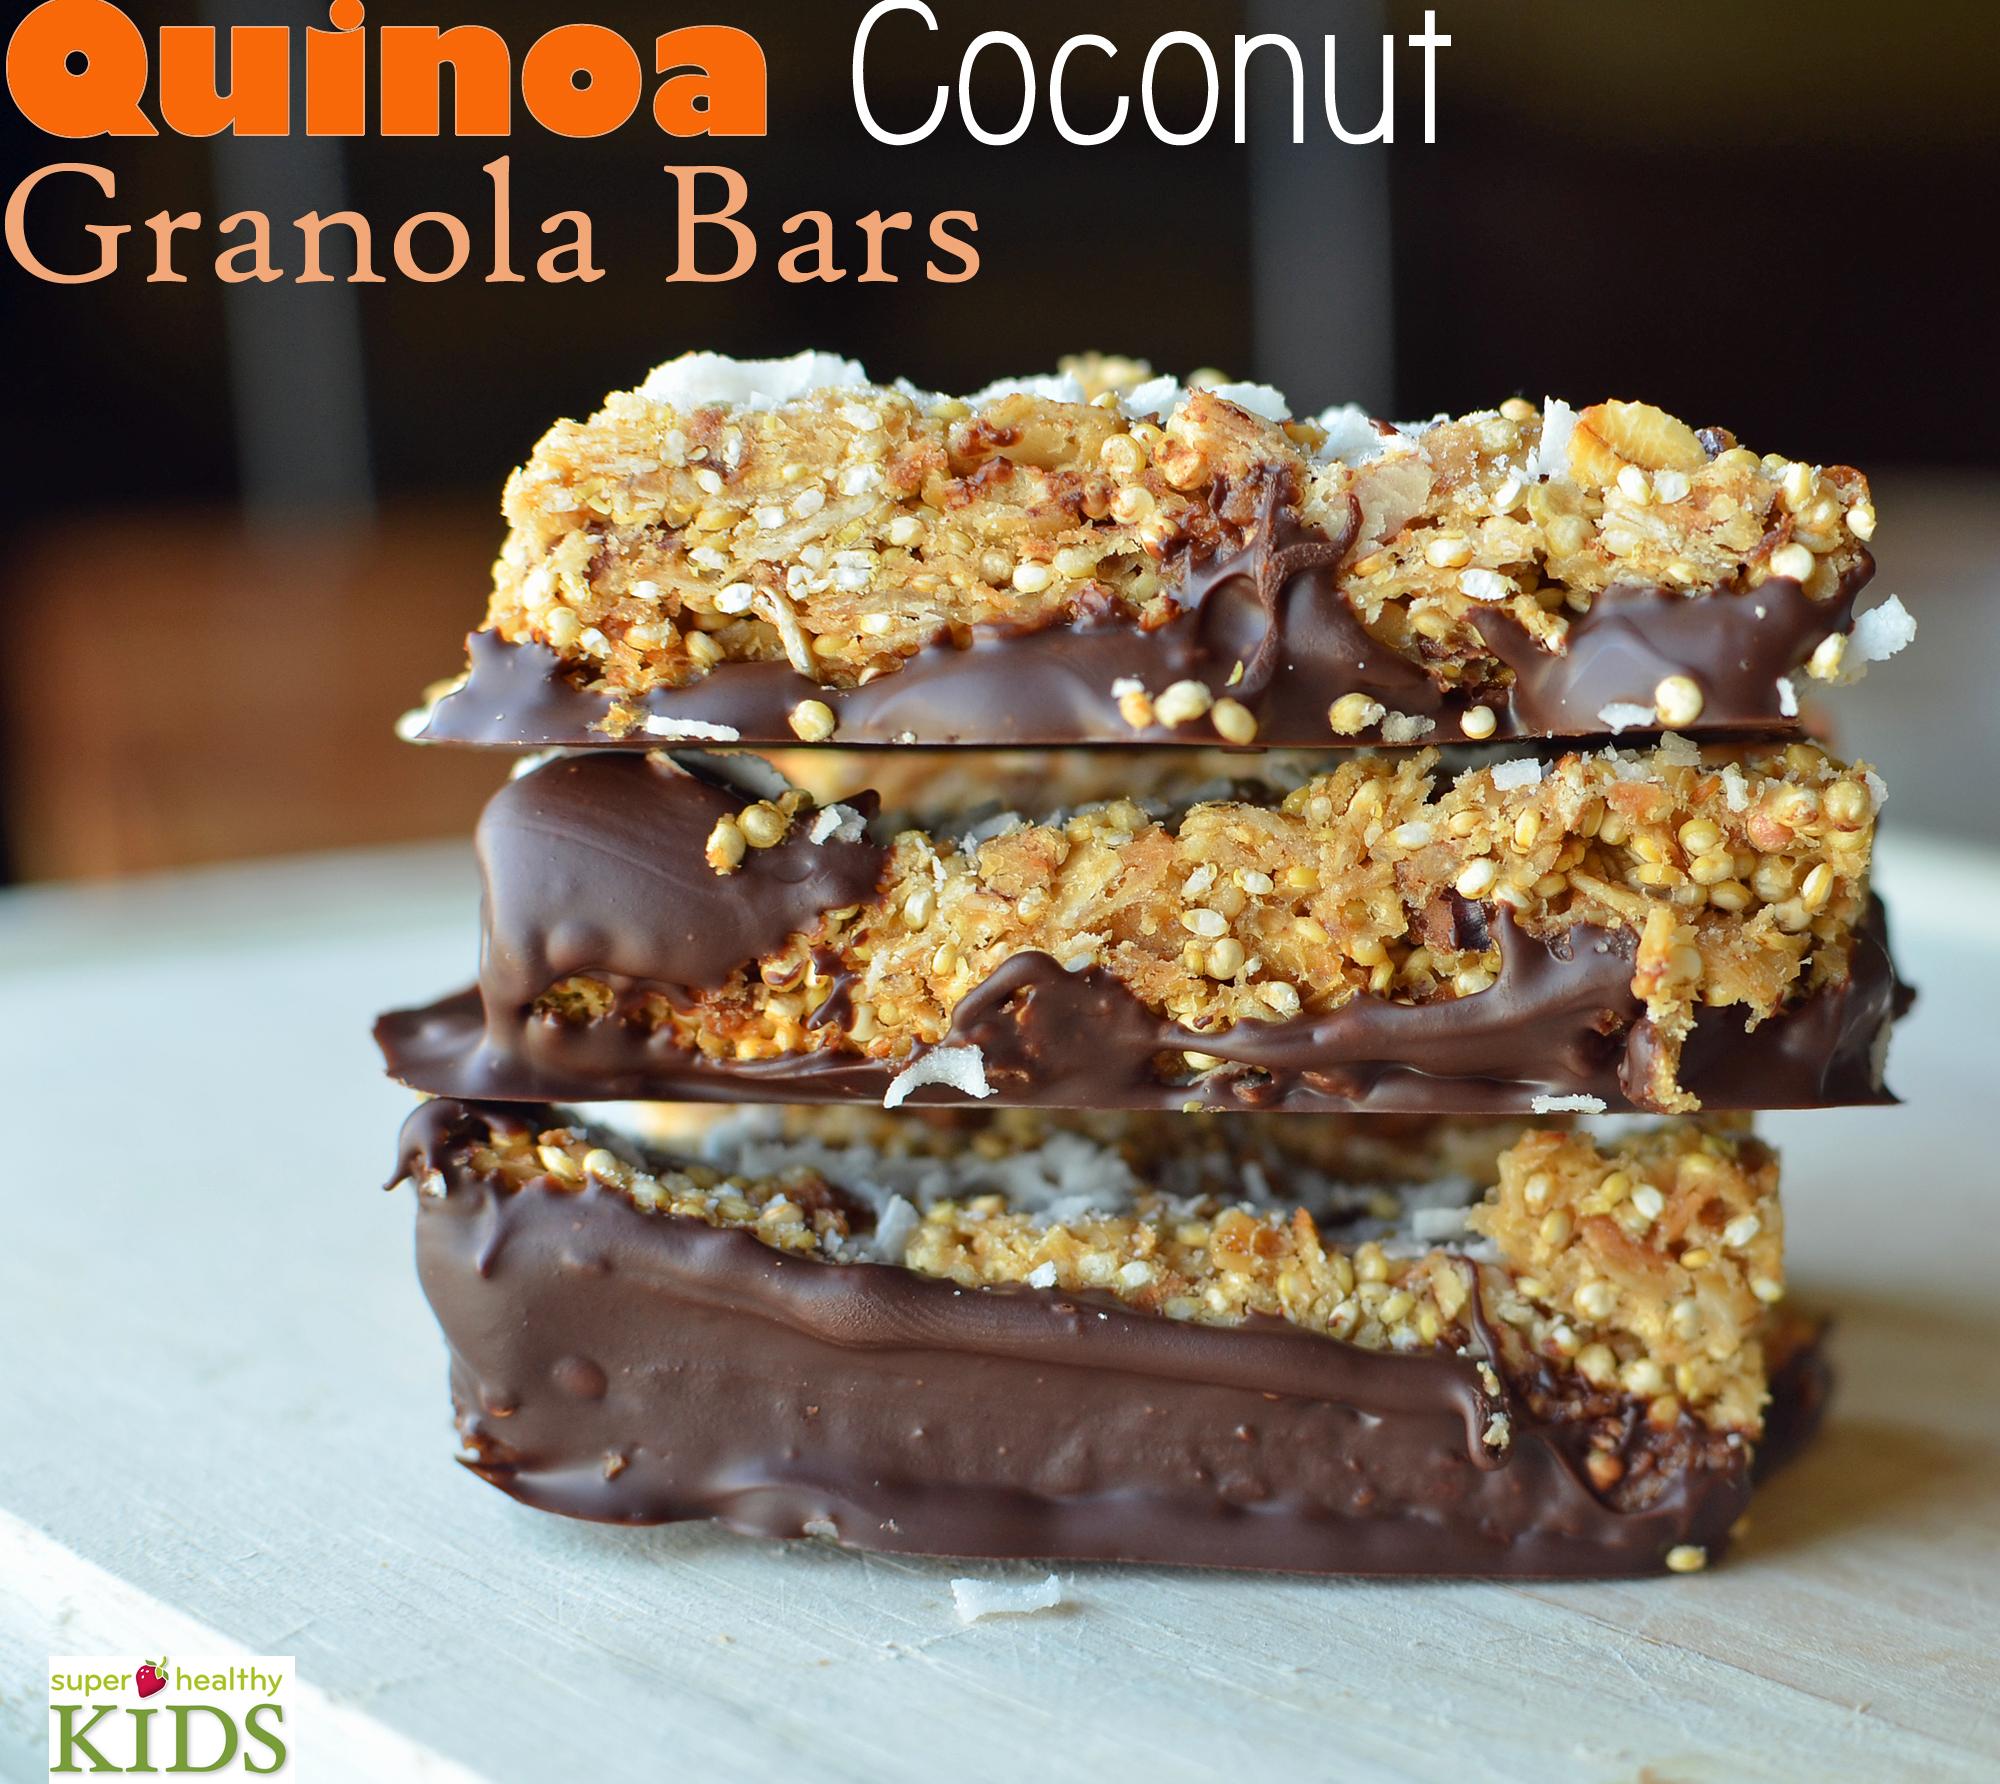 ... Coconut Granola Bar Recipe. Our kids already love granola bars